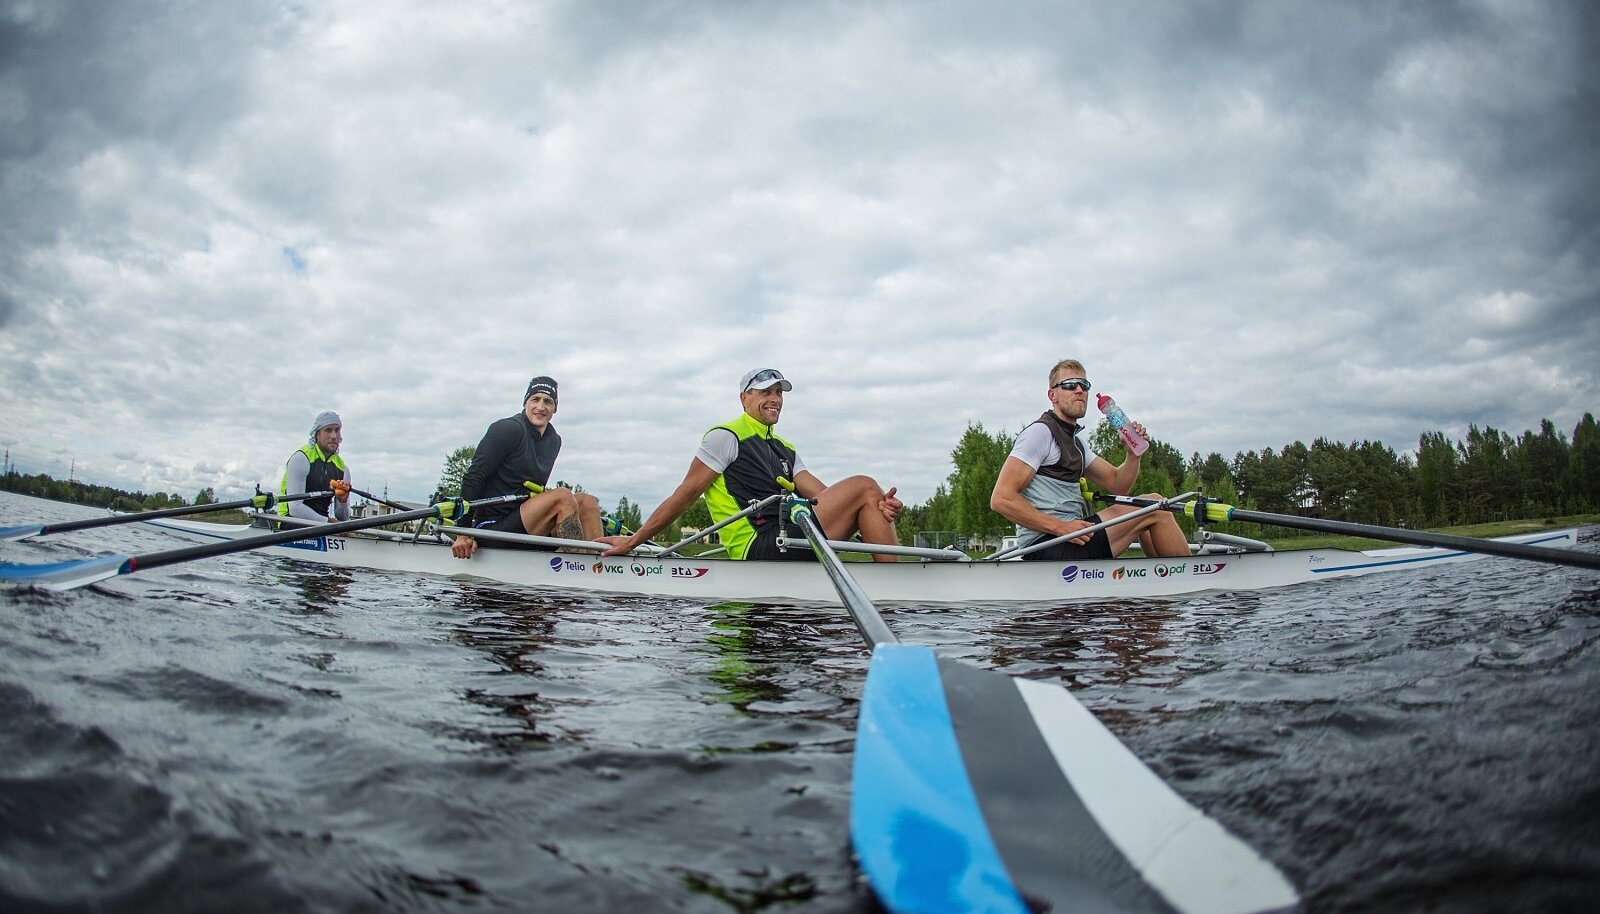 2016. aastal Rio de Janeiro olümpialt Eestile ainsa medali toonud paarisaeruline neljapaat. Neljast sõudjast kolmel – Taimsool, Endreksonil ja Jämsäl – aitas treeningutele keskenduda kaitseväepalk.